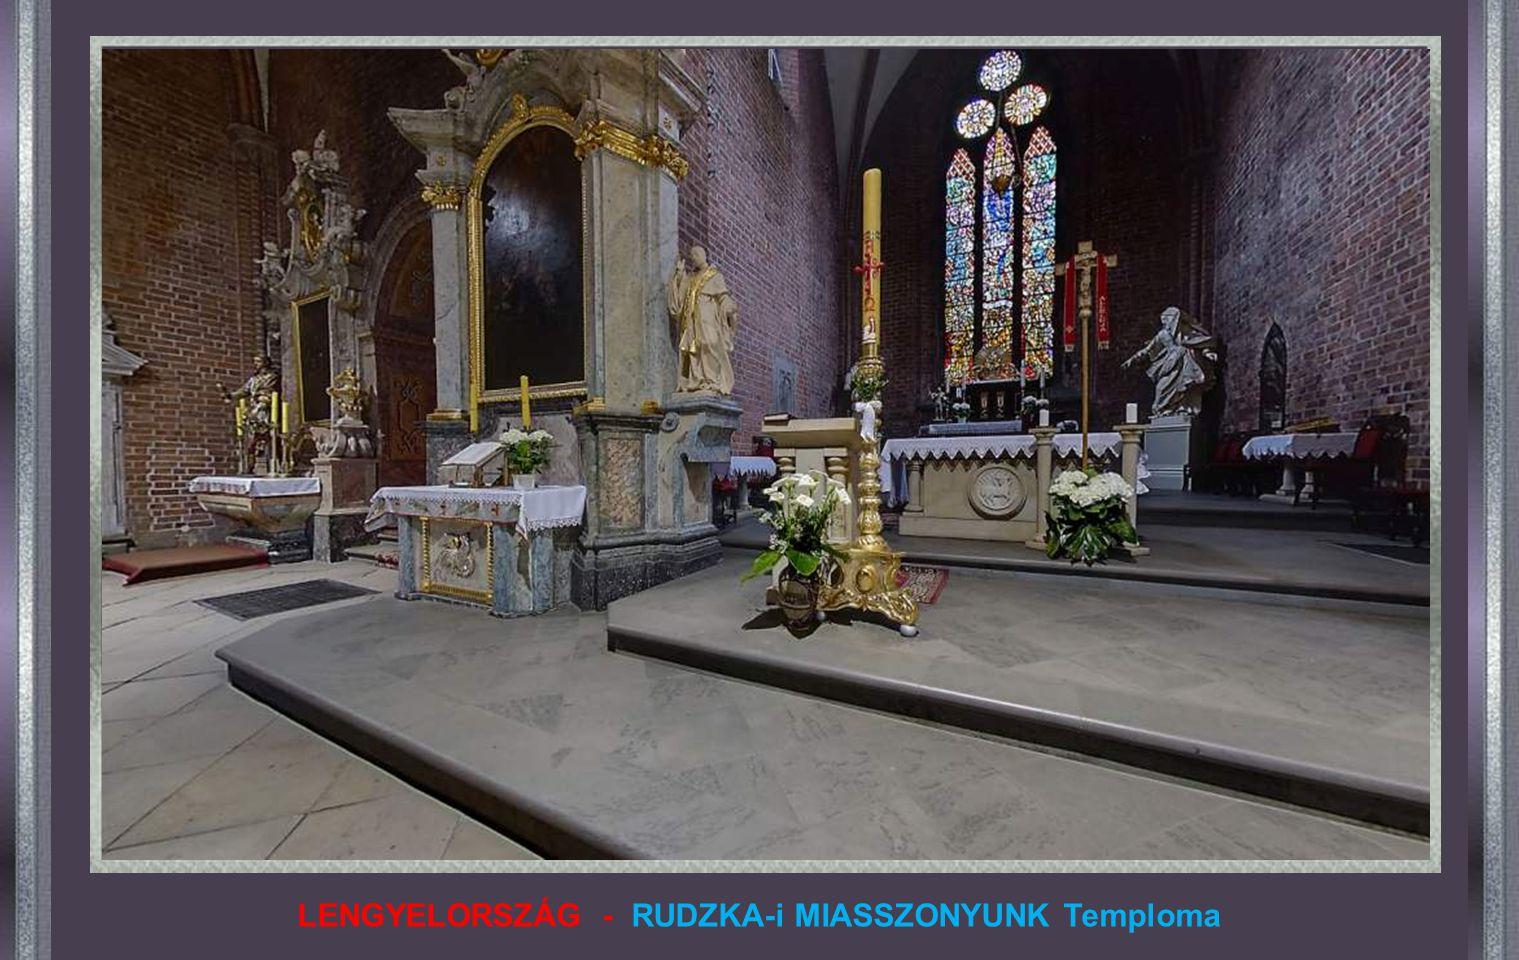 LENGYELORSZÁG - RUDZKA-i MIASSZONYUNK Temploma